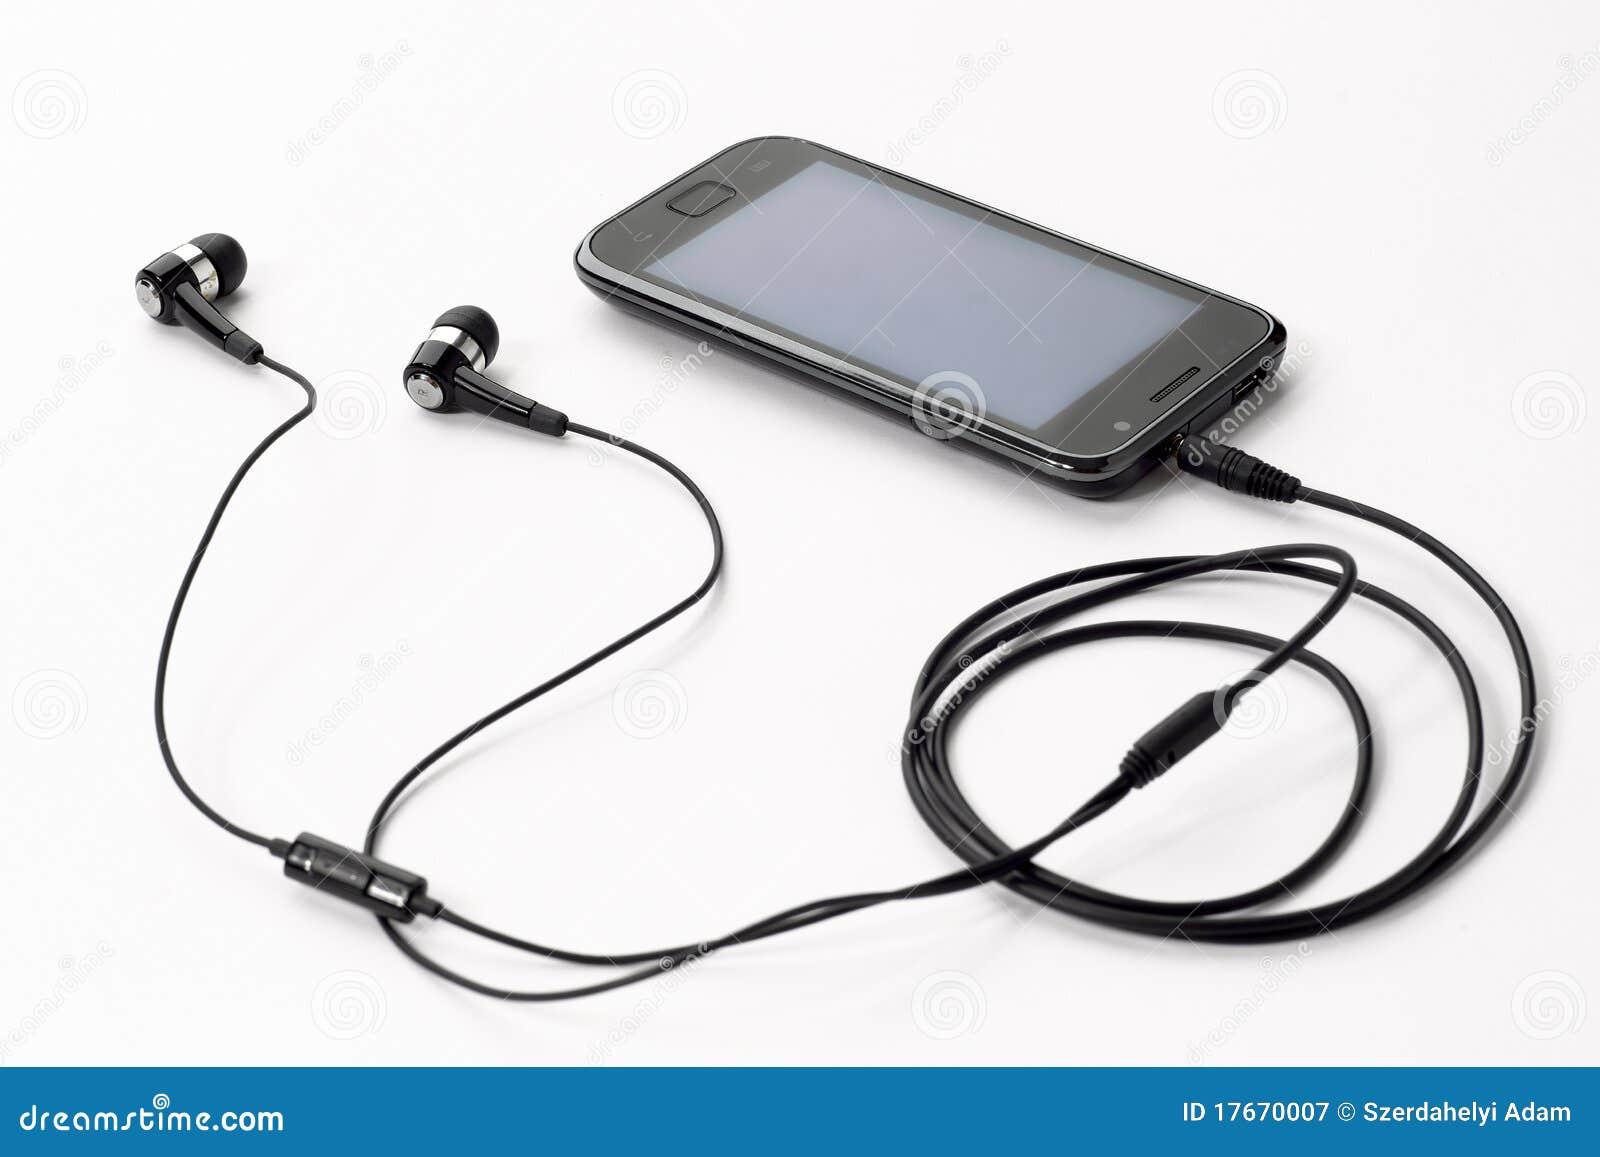 Présentation de notre solution de mise sur écoute.